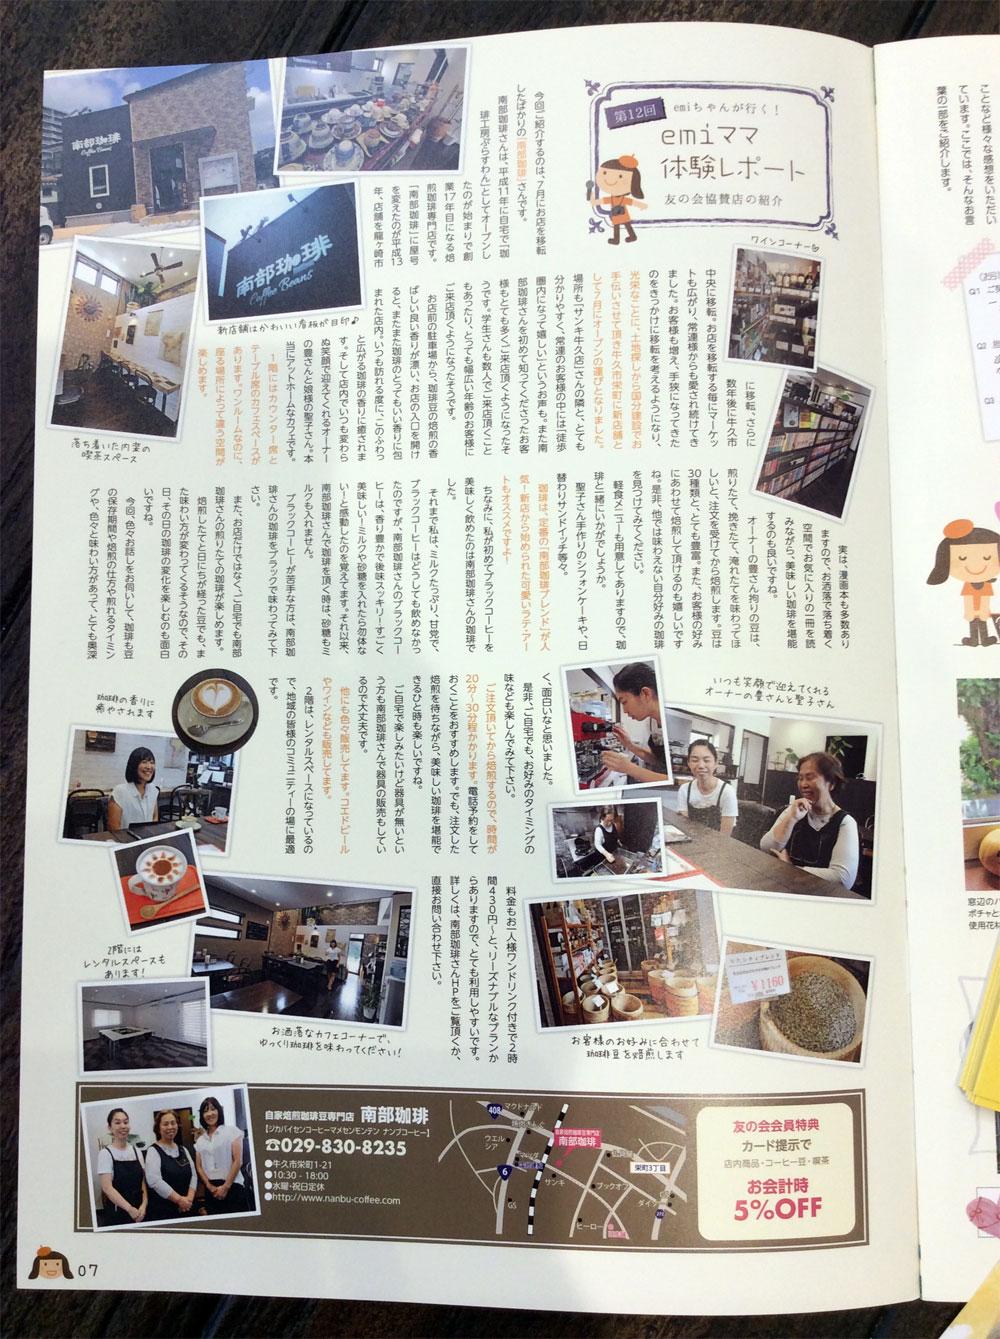 国分建設さんの emi・park Letter (エミ・パーク通信)Vol.12